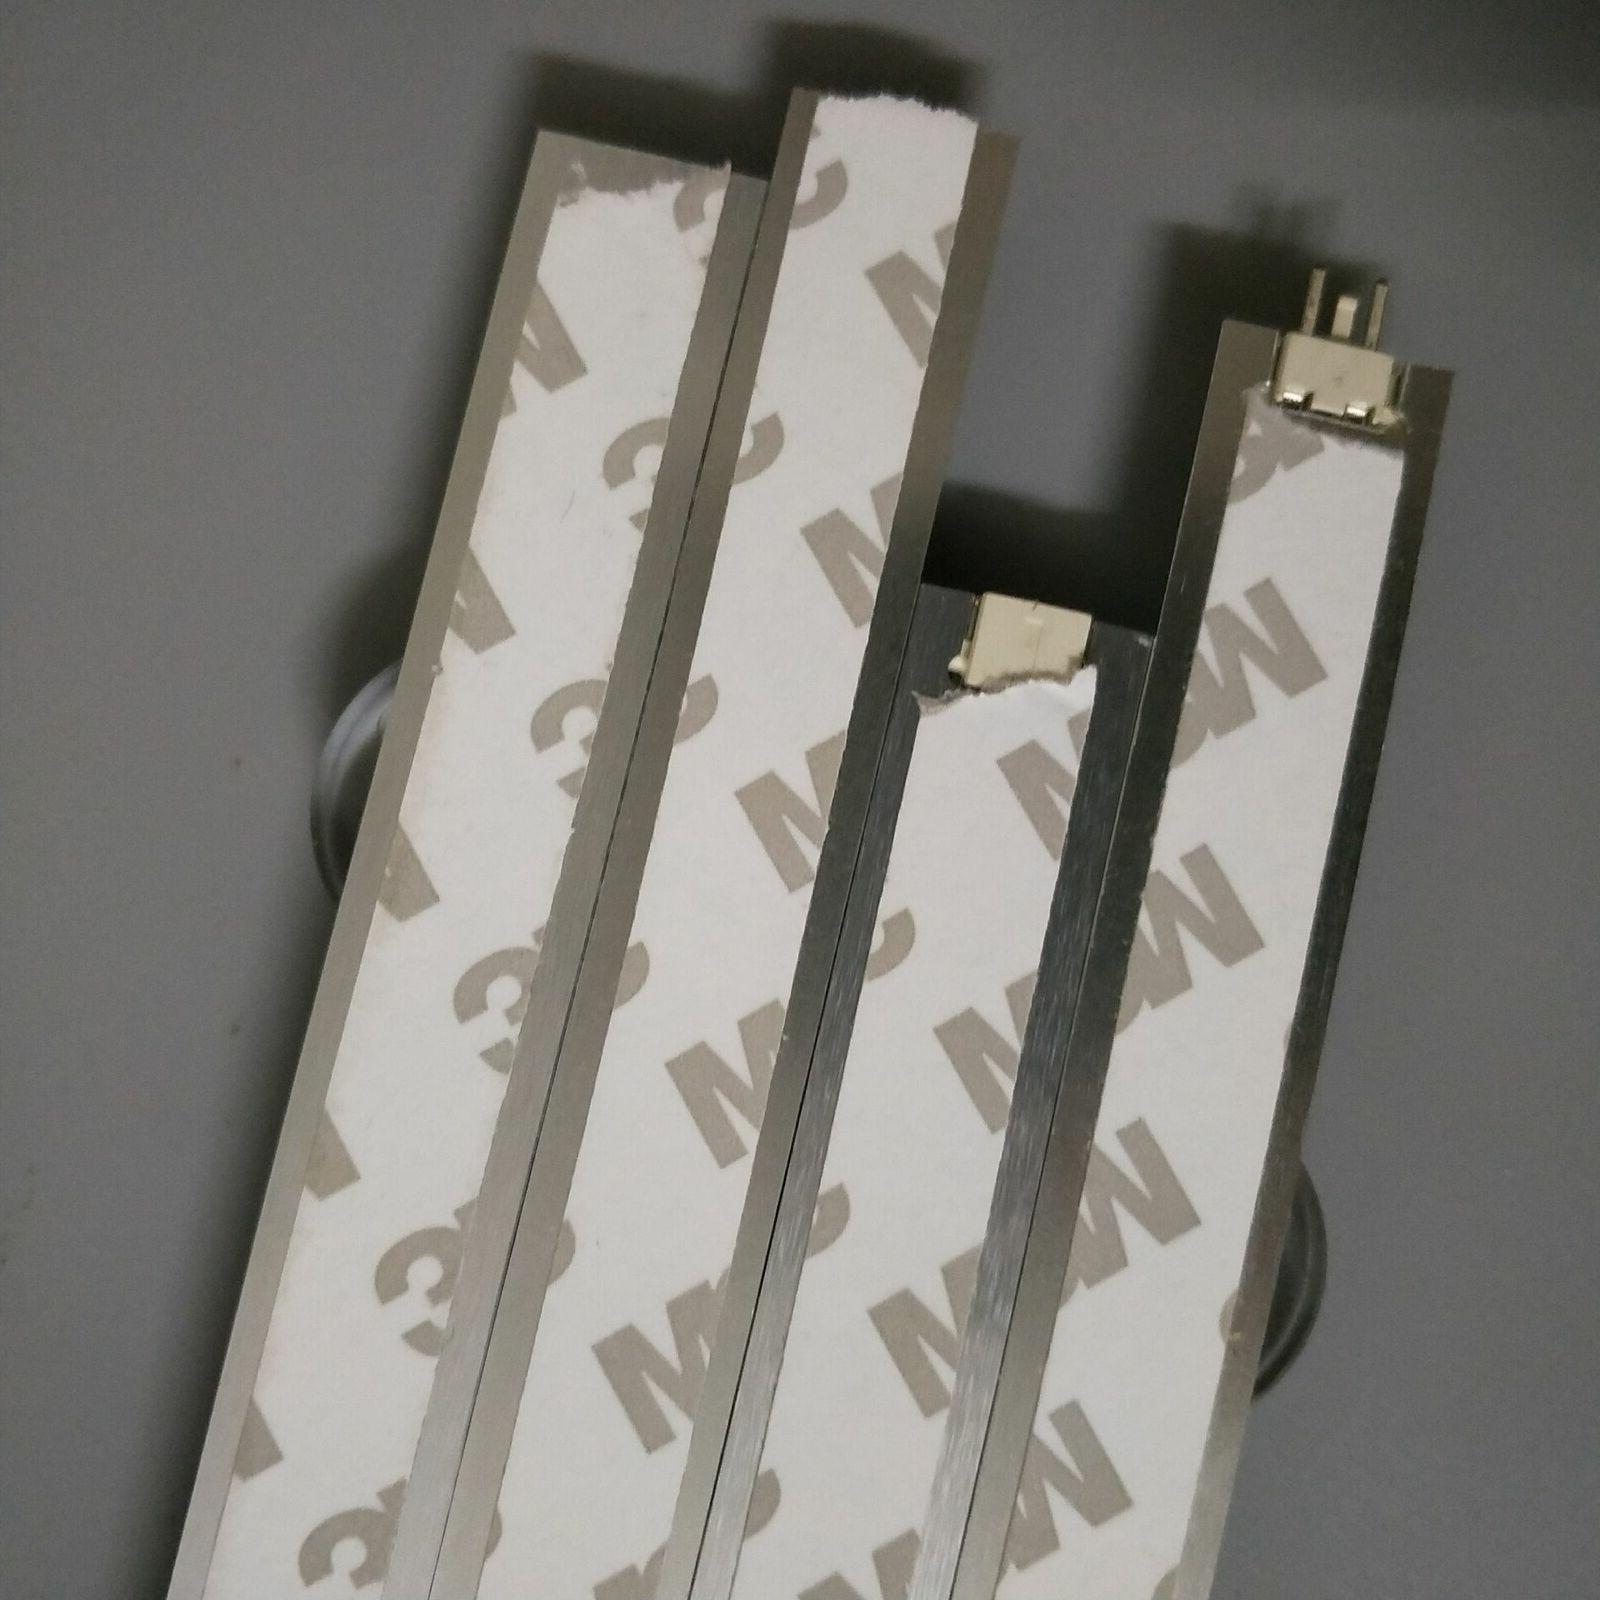 LED strips LG T420HVF07.0 T420HVF07.1s T420HVN06.5